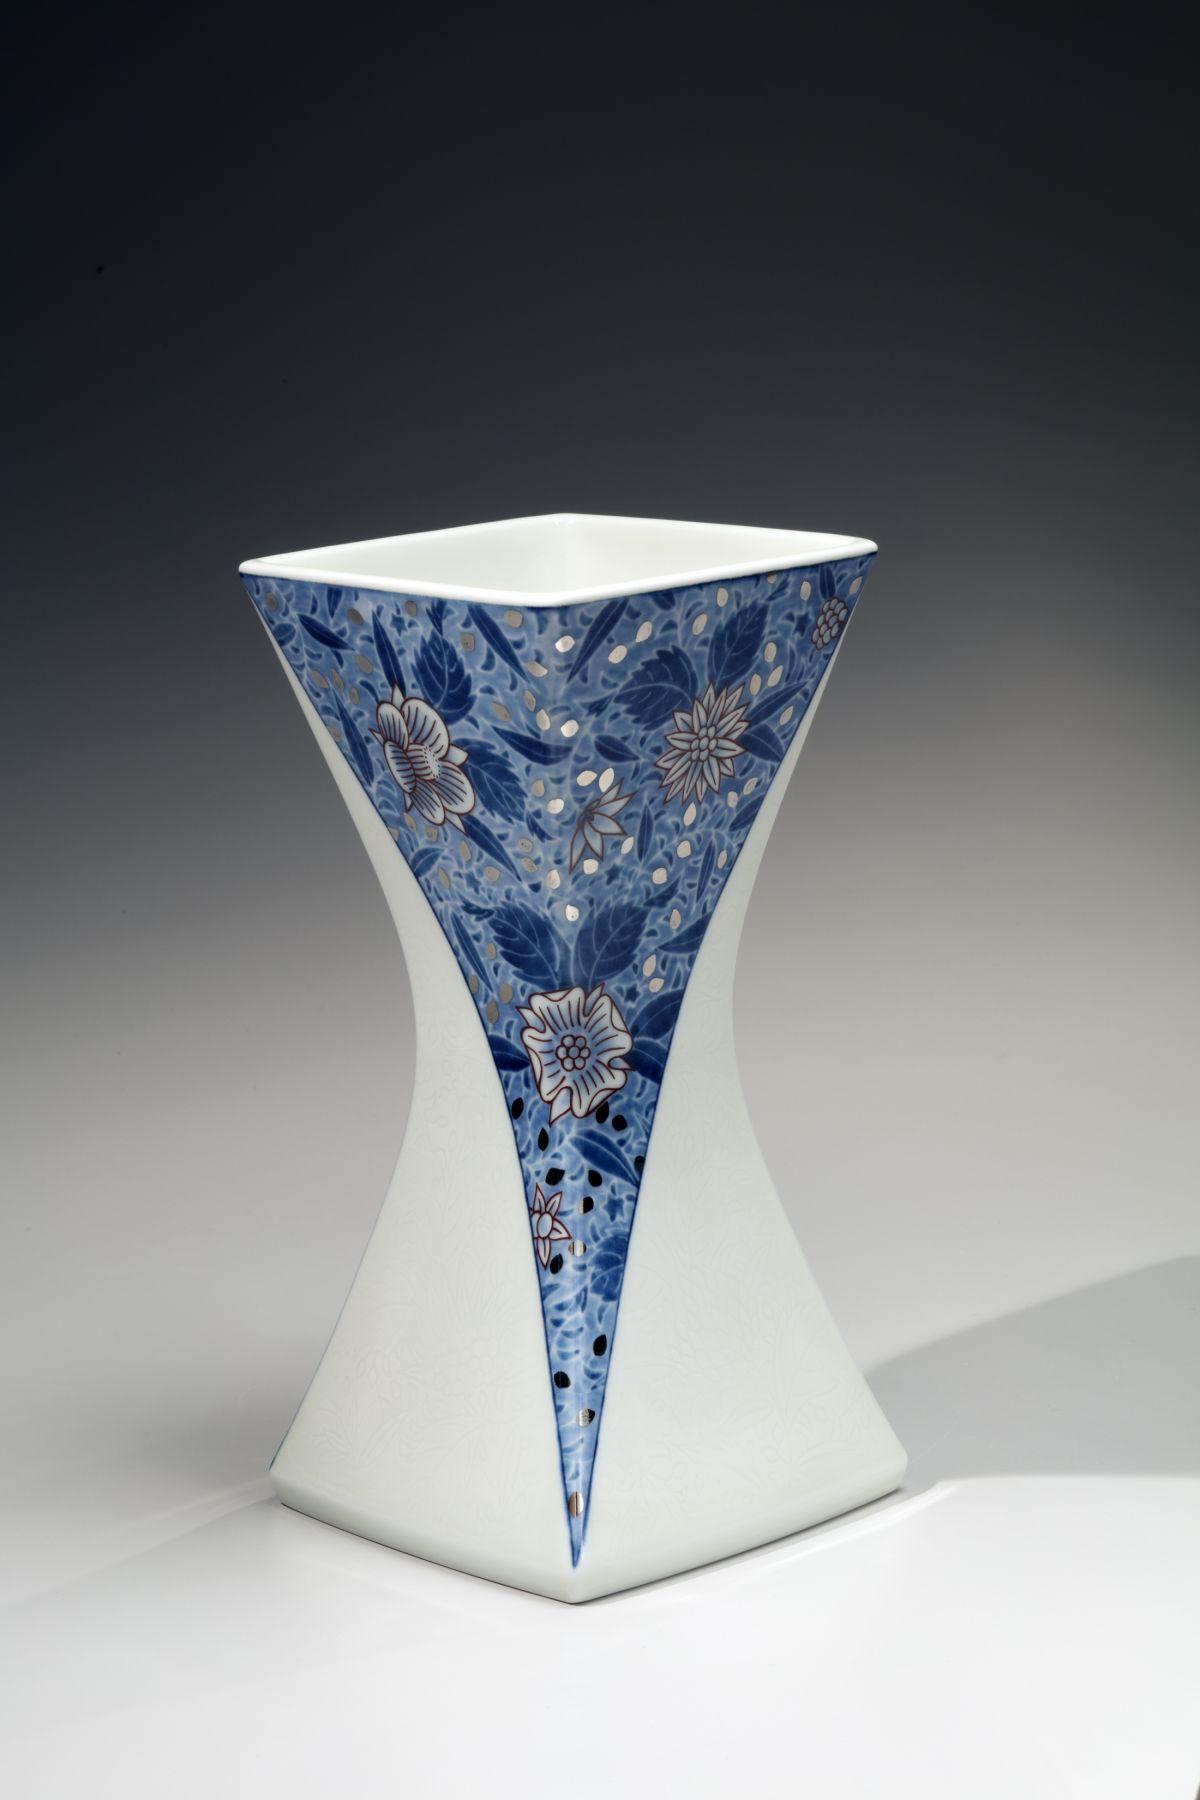 Imaizumi Imaemon XIV (b. 1962), Vase with Flowers in Chintz Patterning, Overglaze Enamels, Underglaze Indigo Blue Snow Flower Resist Decoration